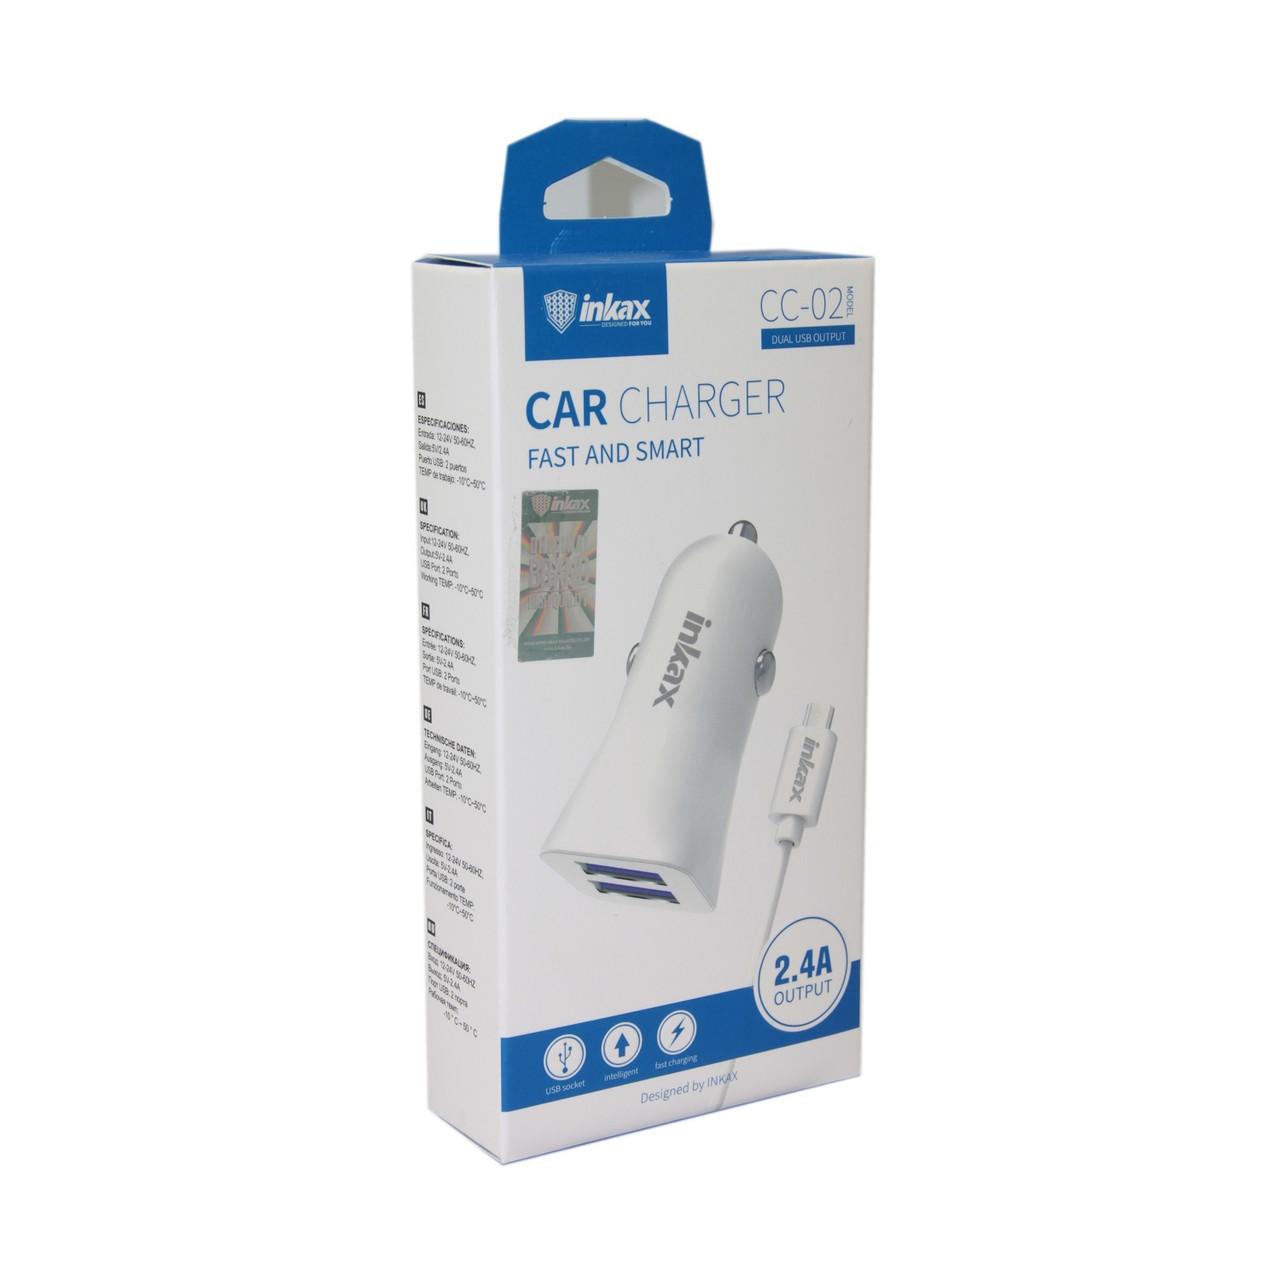 Автомобильное зарядное устройство INKAX CC-02 Micro USB 2.4A